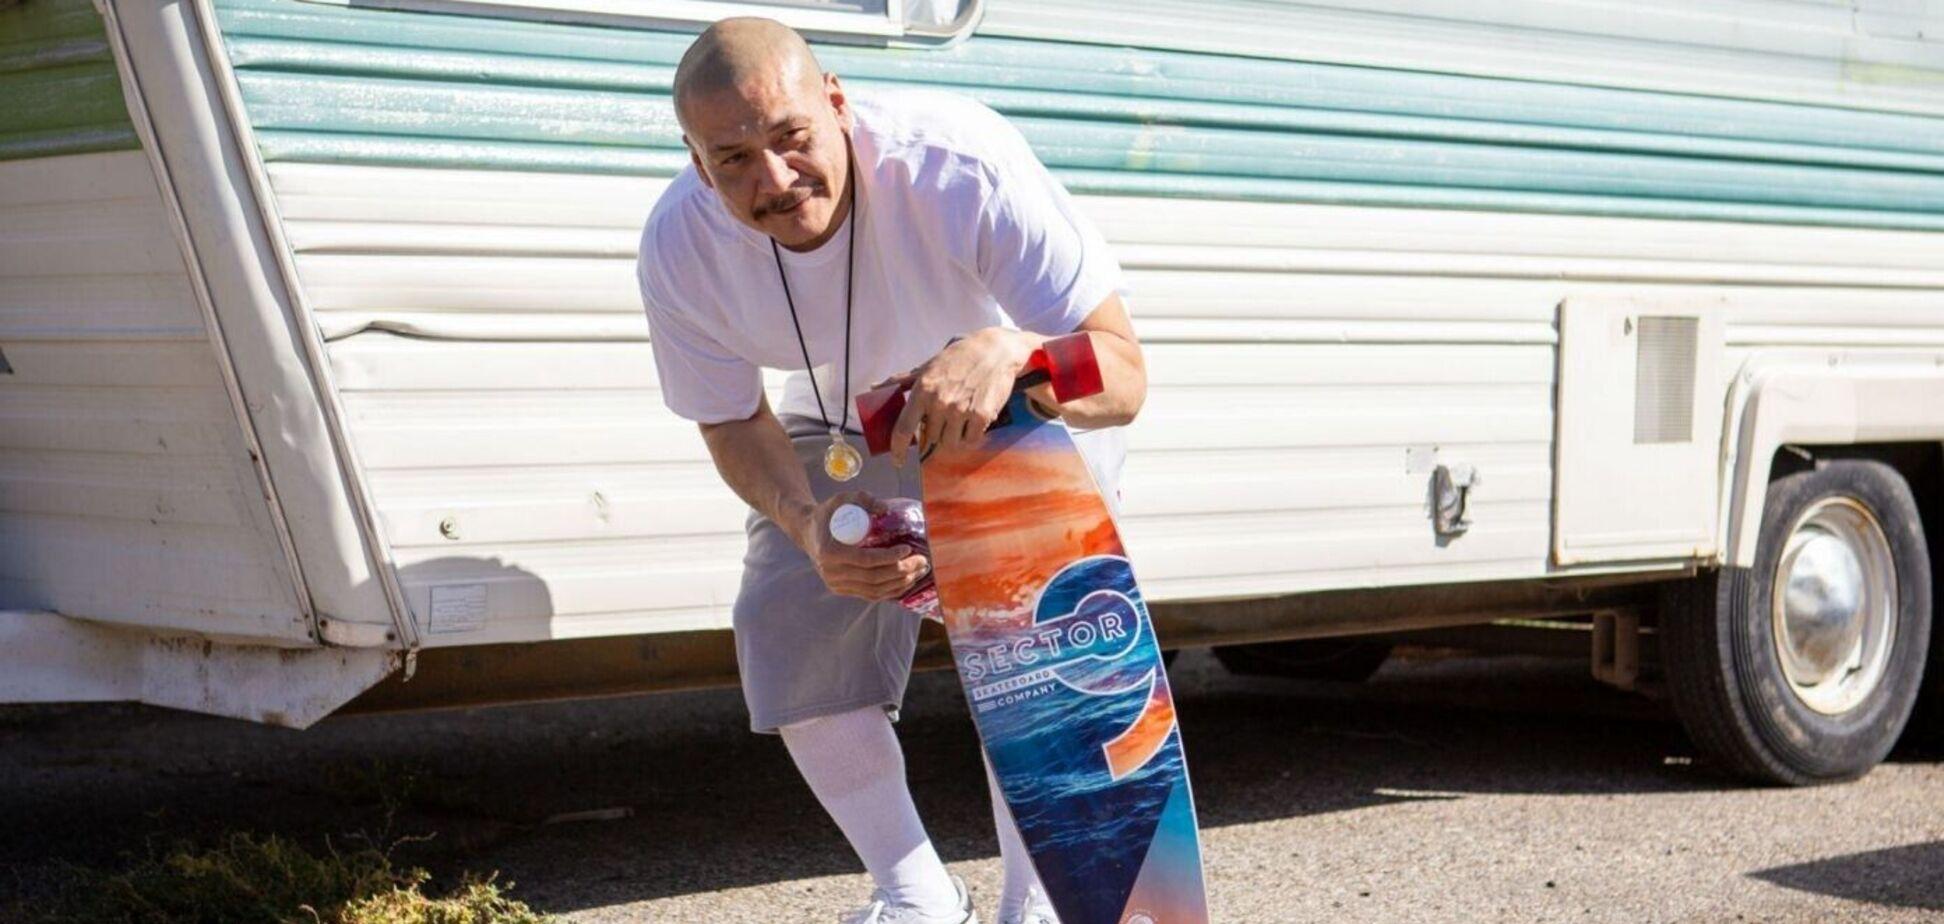 Зірка TikTok 'на скейтборді' виступить на інавгурації Байдена